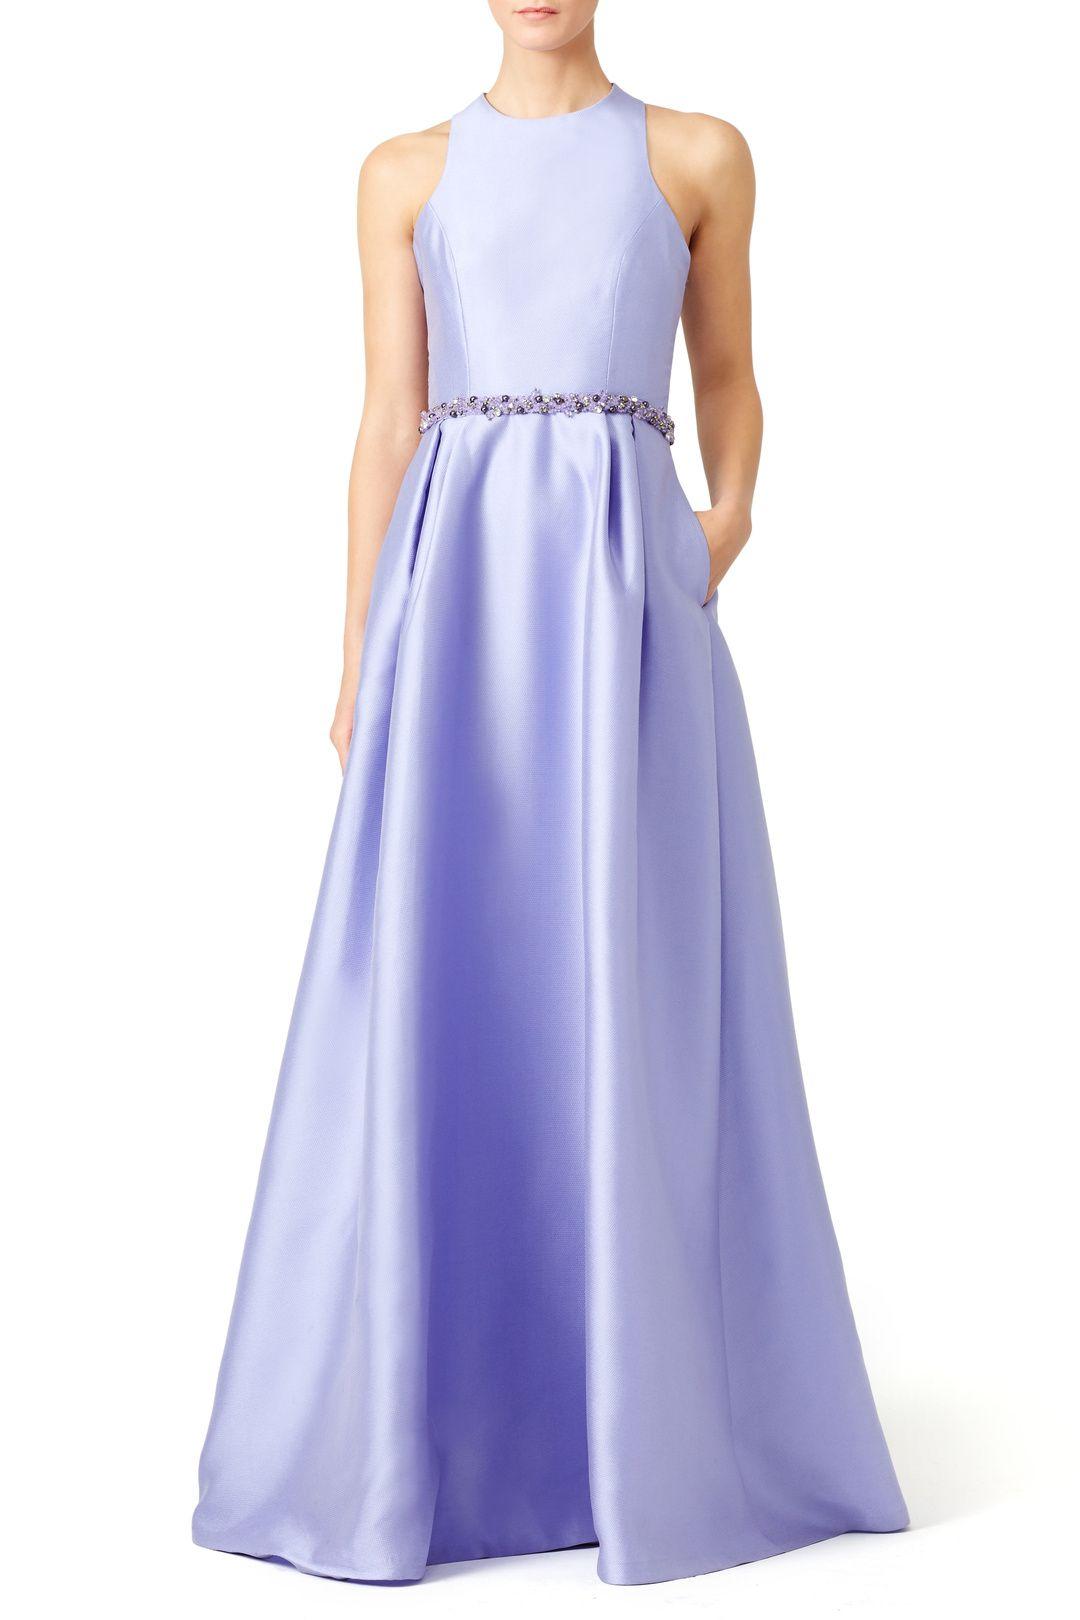 Lilac Jadore Gown | Vestidos de dama, Damas y Vestiditos